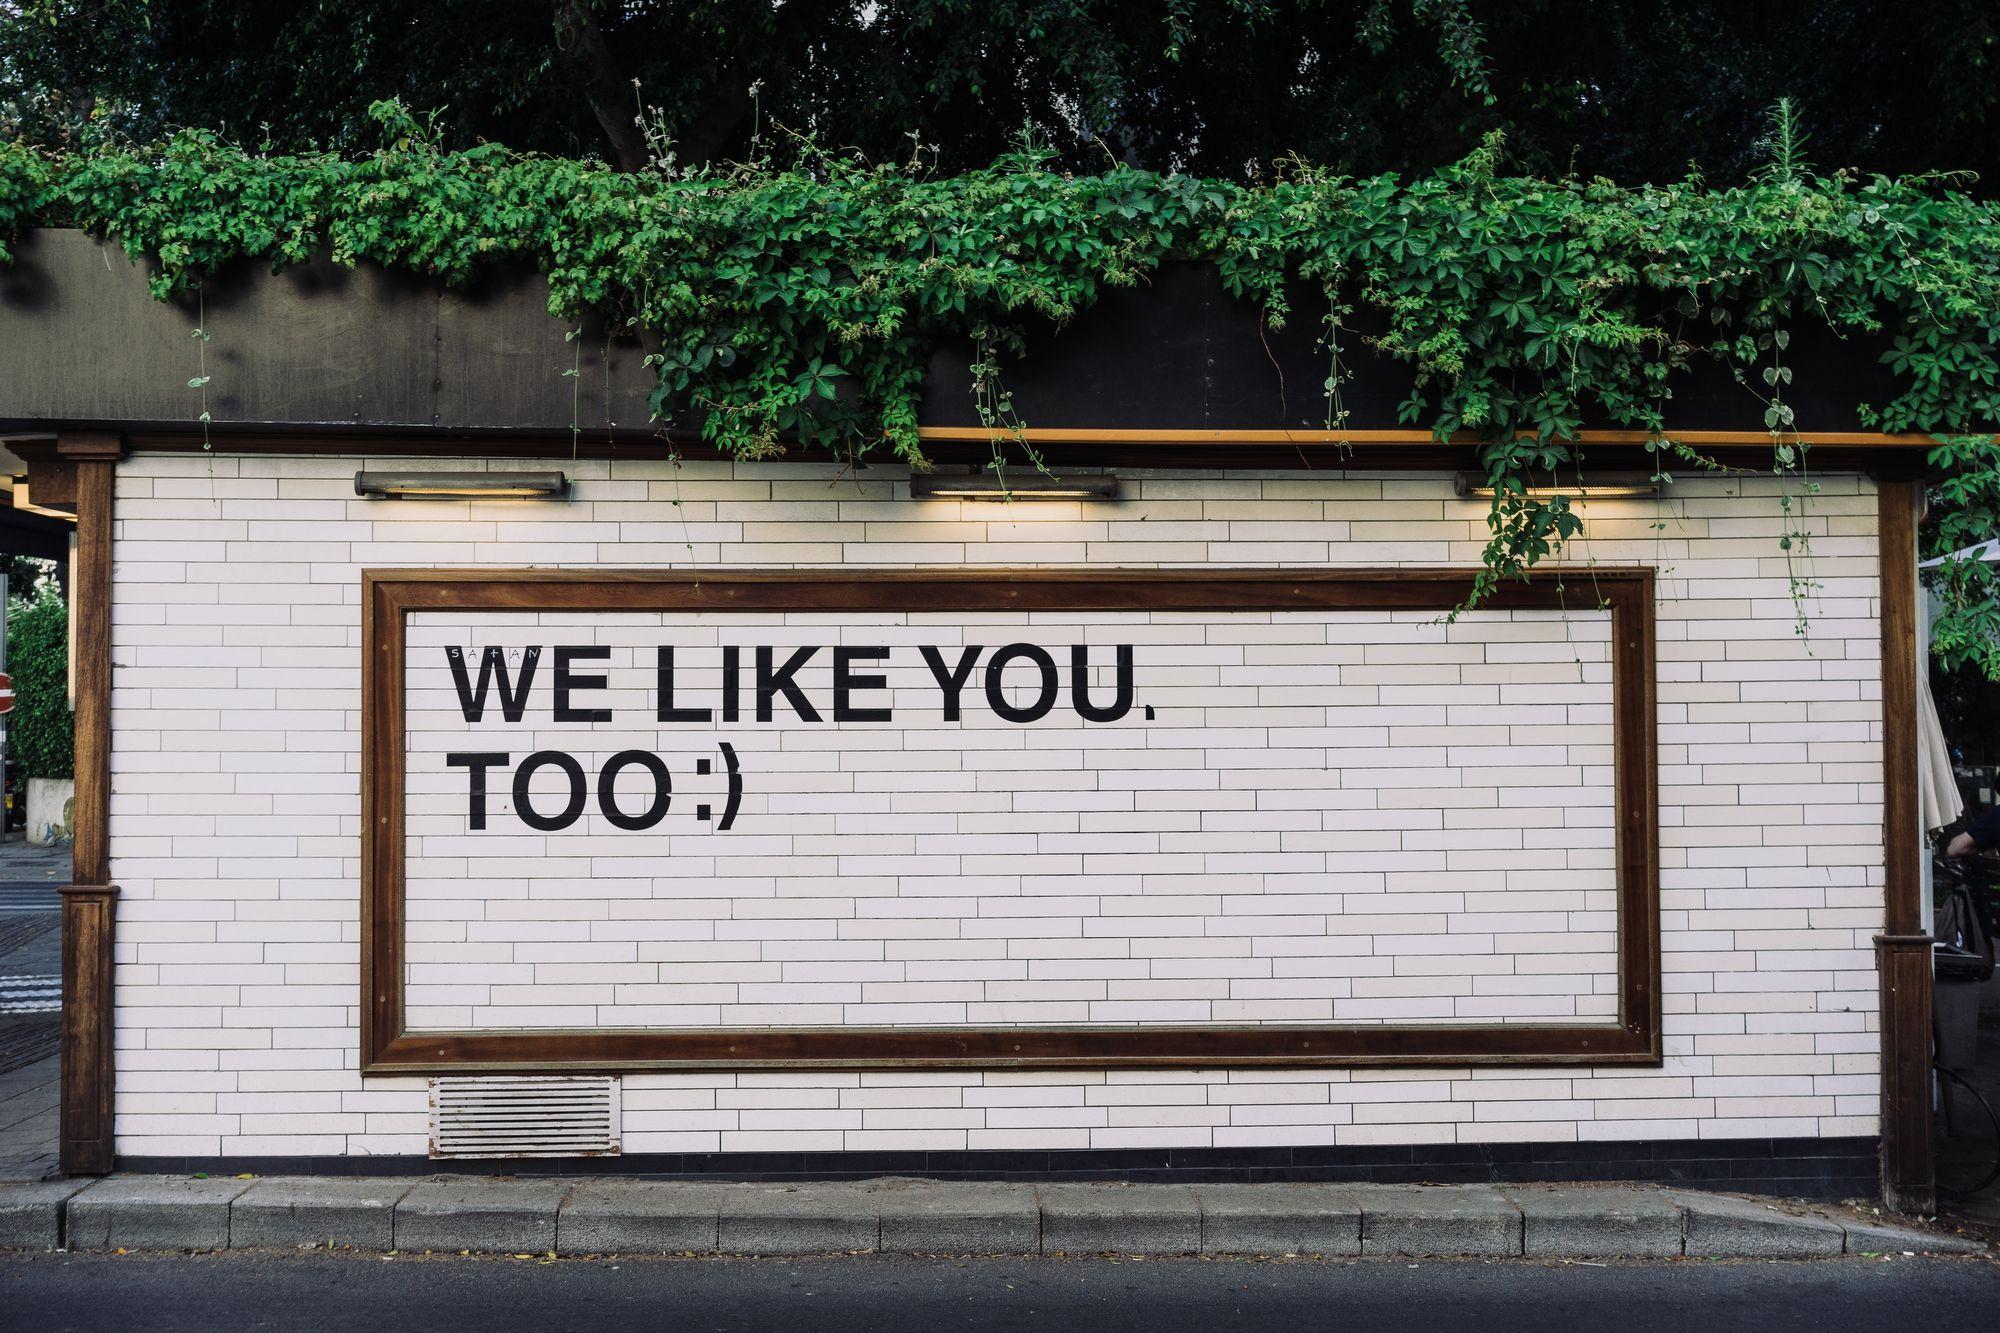 mur dans une rue avec une citation